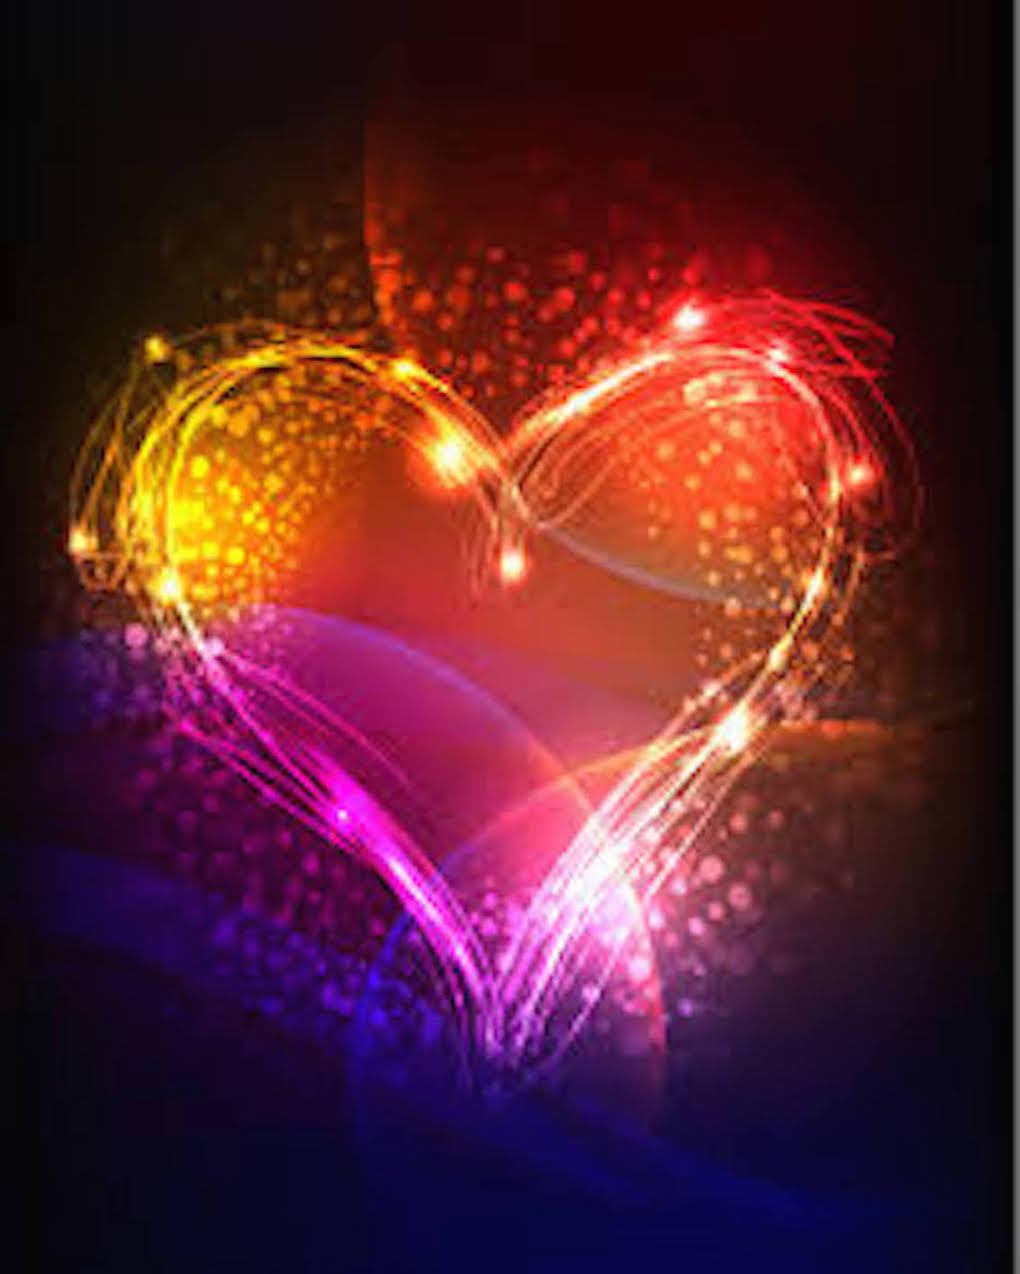 スピリチャルカウンセラー ホワイトクロウのワンネス日記 ☆ハートの光で変容自在♪☆_a0110270_14353740.jpg